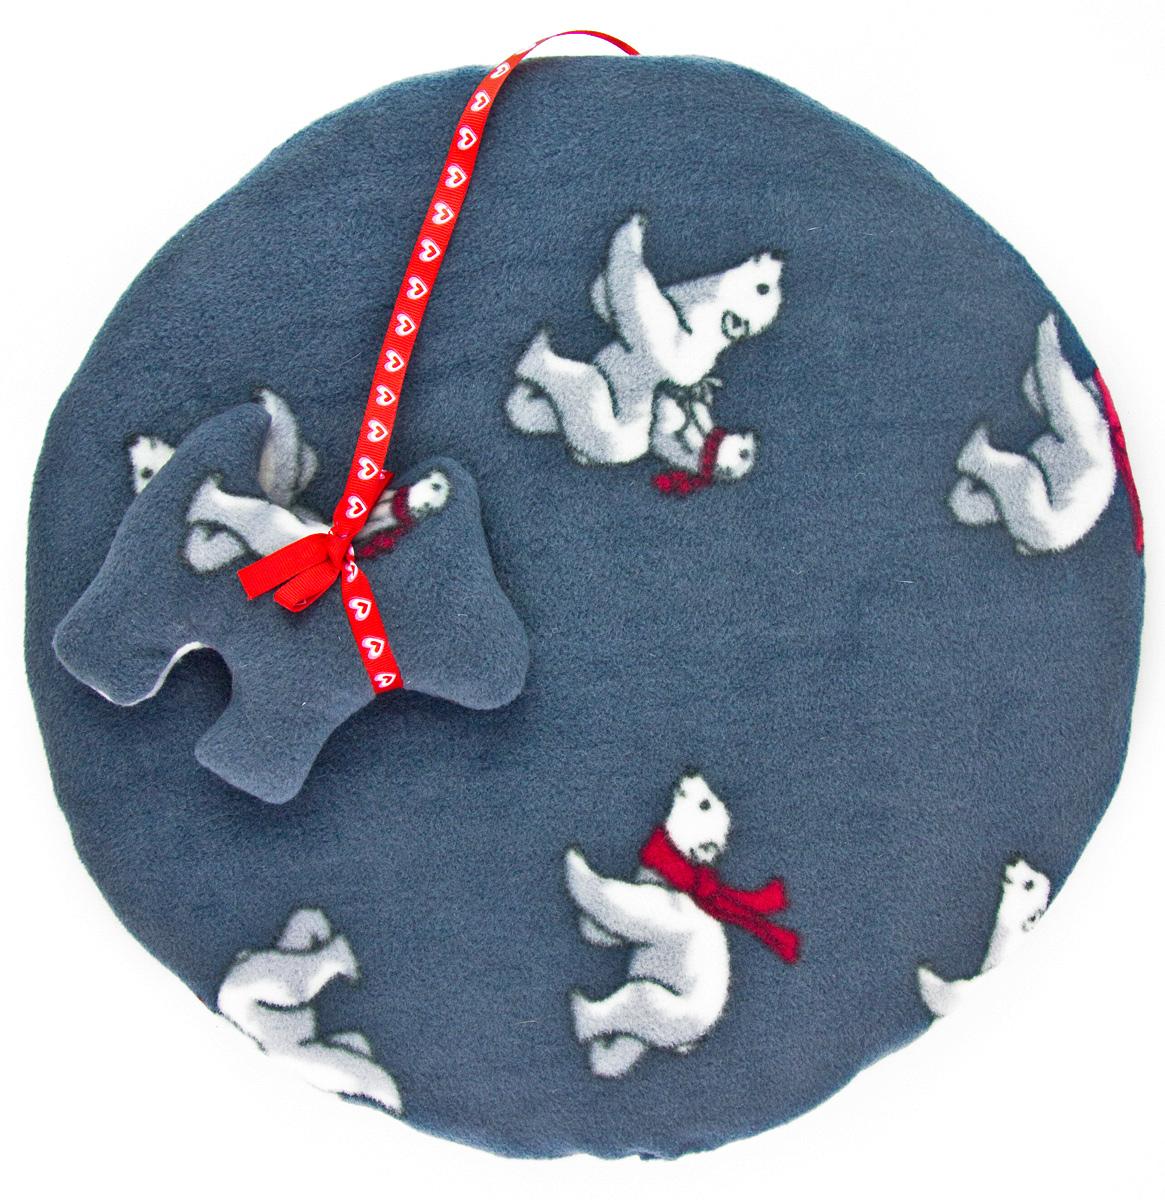 Лежак-коврик для животных Zoobaloo Мишки, с игрушкой, 60 х 60 см0120710Великолепный флисовый лежак-коврик Zoobaloo - это отличный аксессуар для вашего питомца, на котором можно спать, играться и снова, приятно устав, заснуть. Он идеально подходит для полов с любым покрытием. Изделиеподдерживает температурный баланс вашего питомца в любоевремя года. Наполнитель выполнен из синтепона.